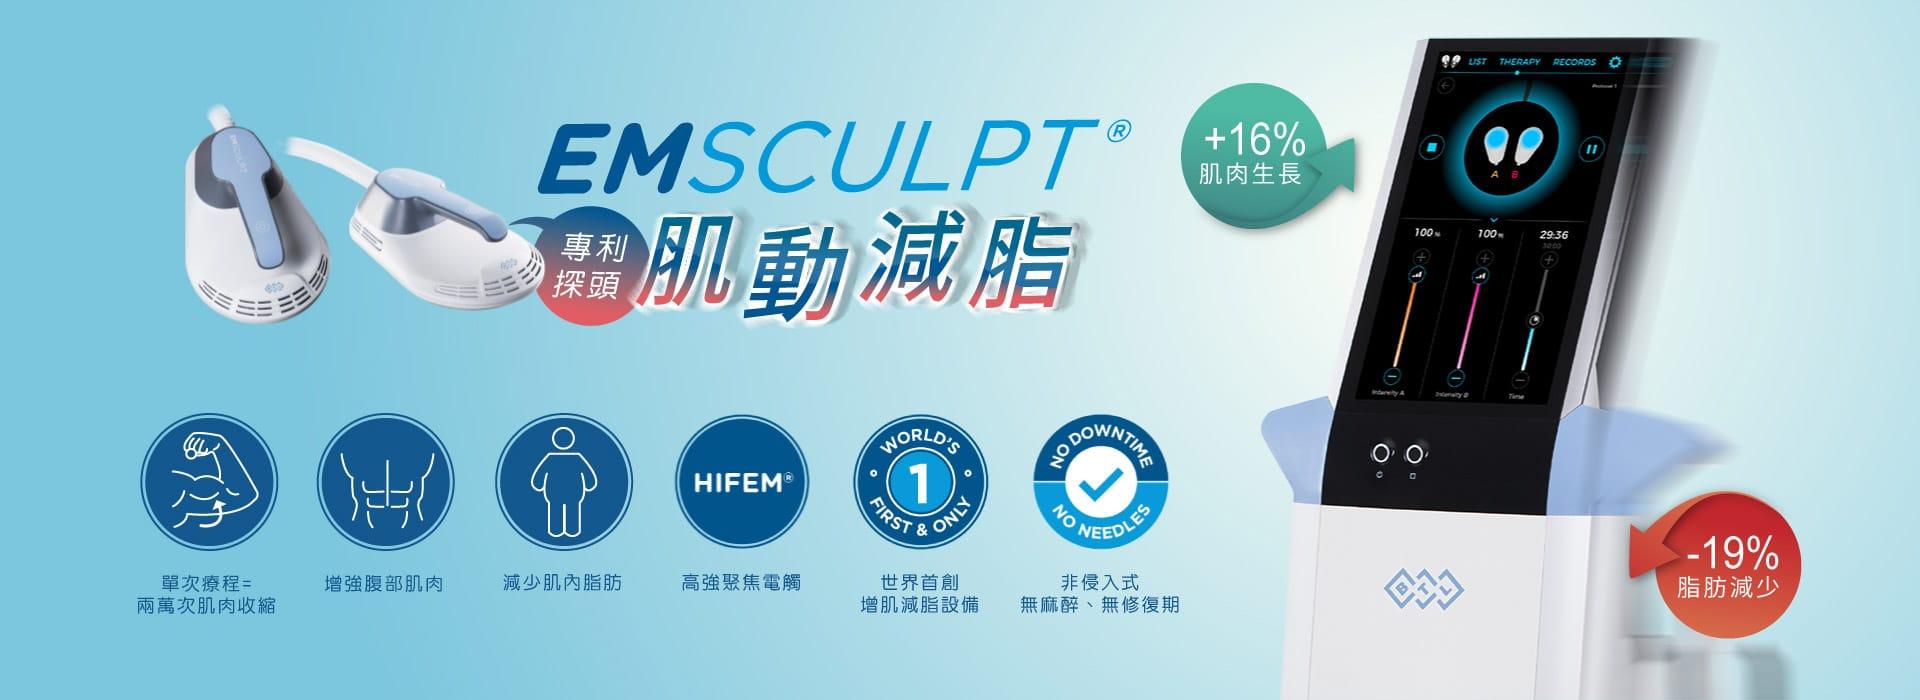 EMSCULPT-3